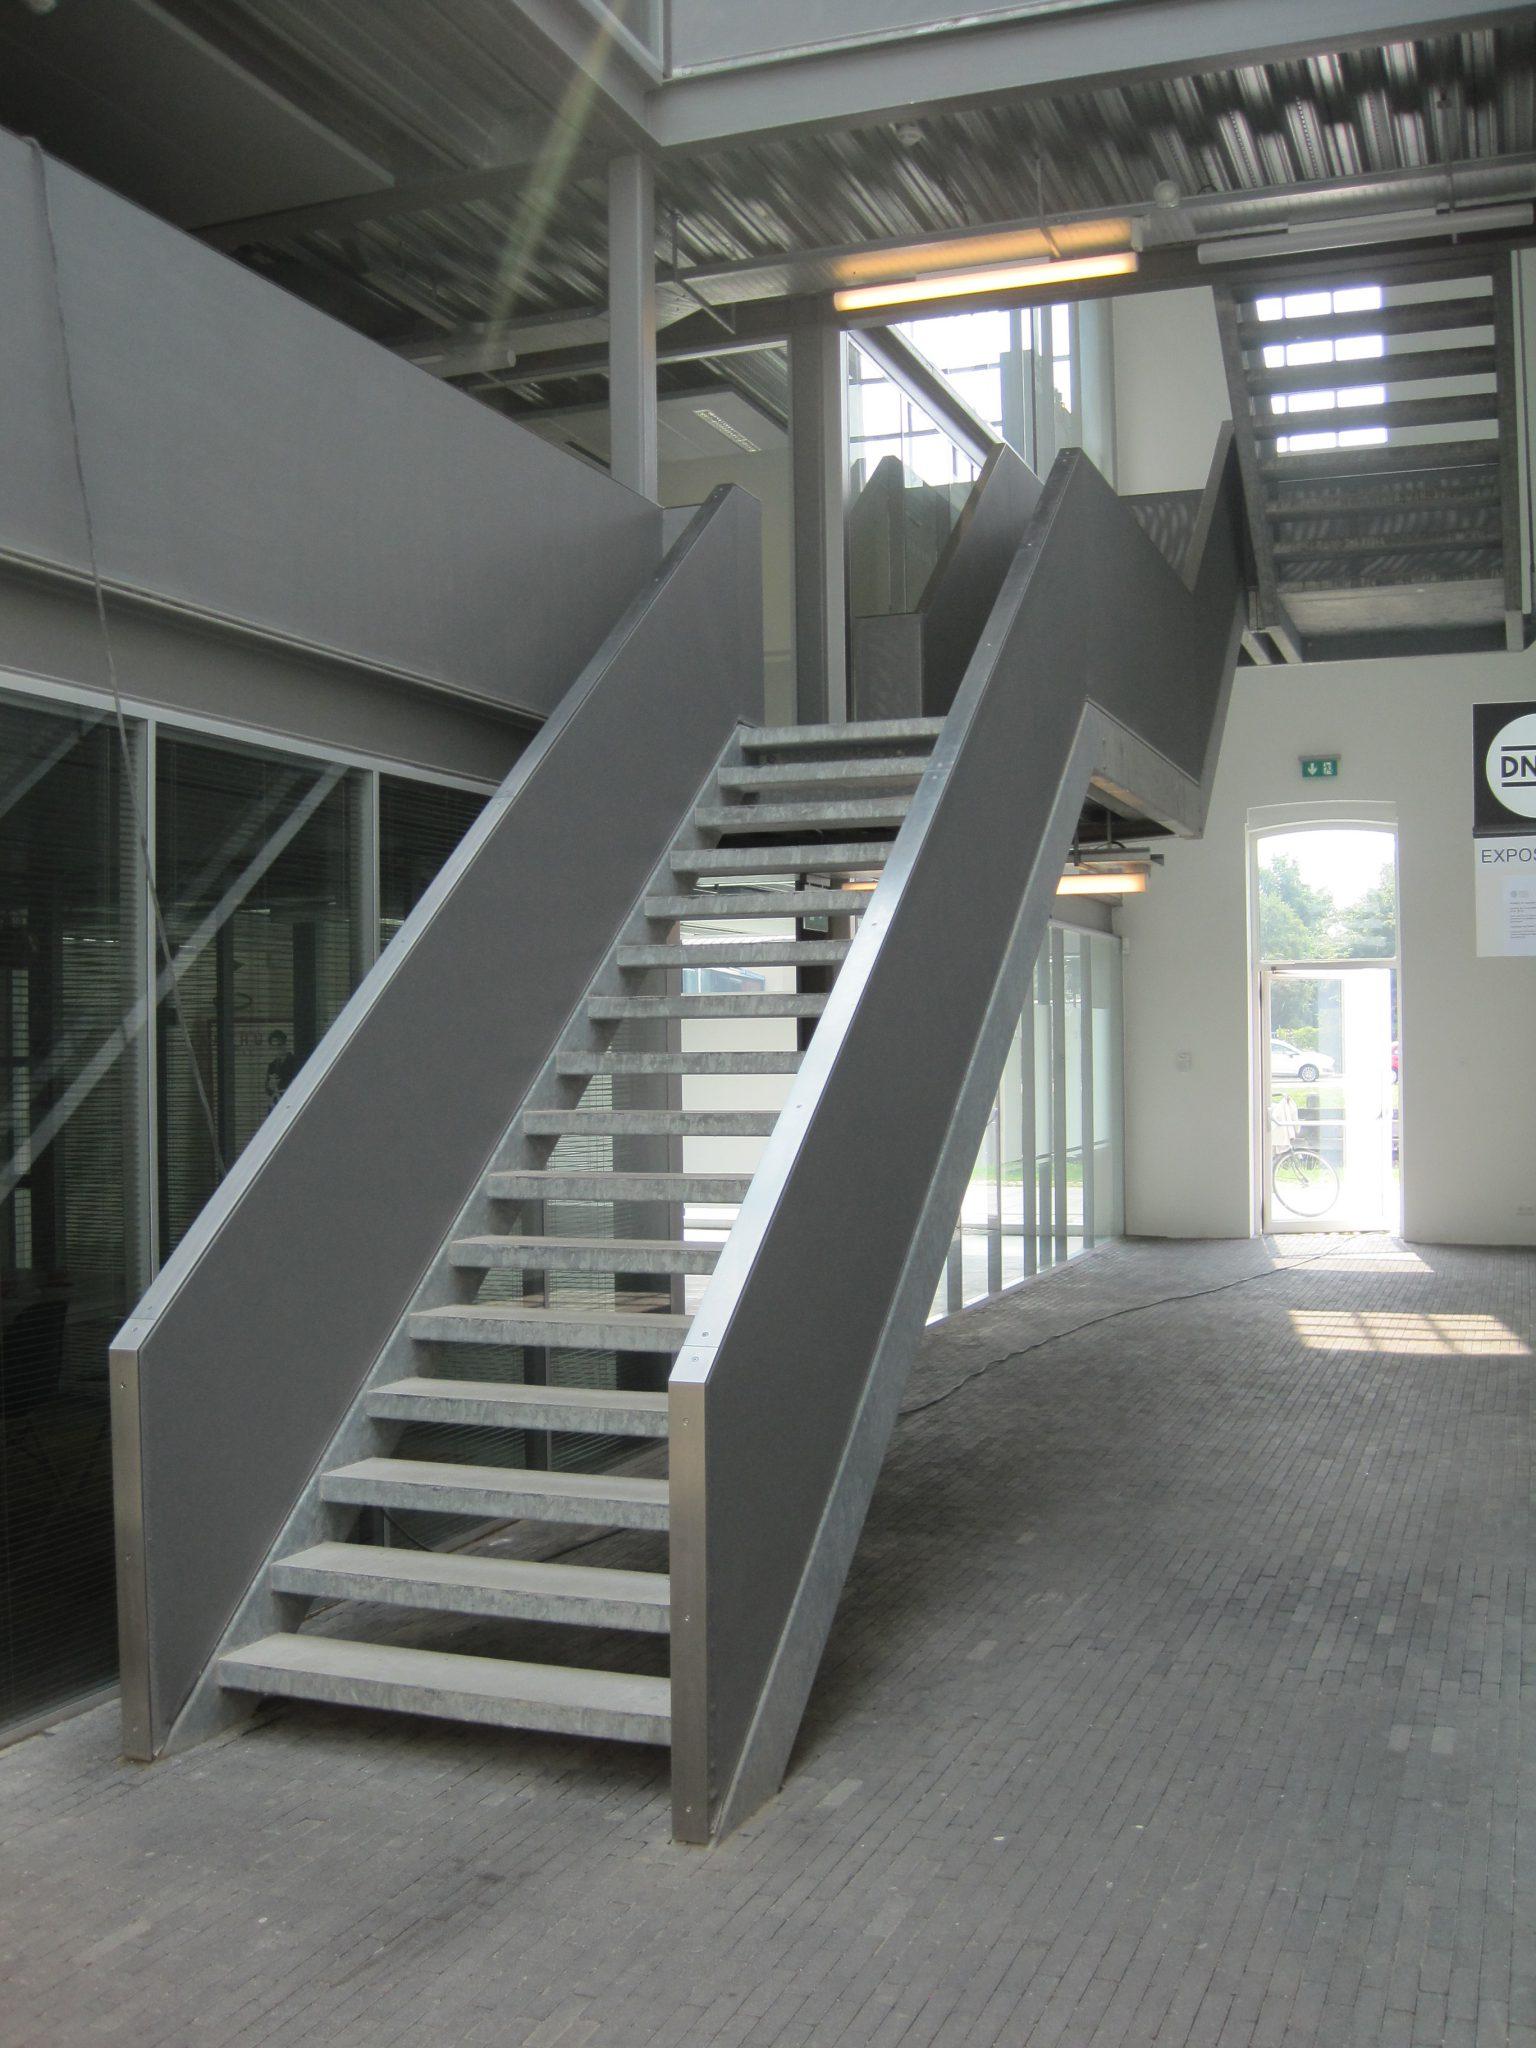 In decacaofabriek in Helmondwordt menverwelkomddoor de imposante stalen hoofdtrap.